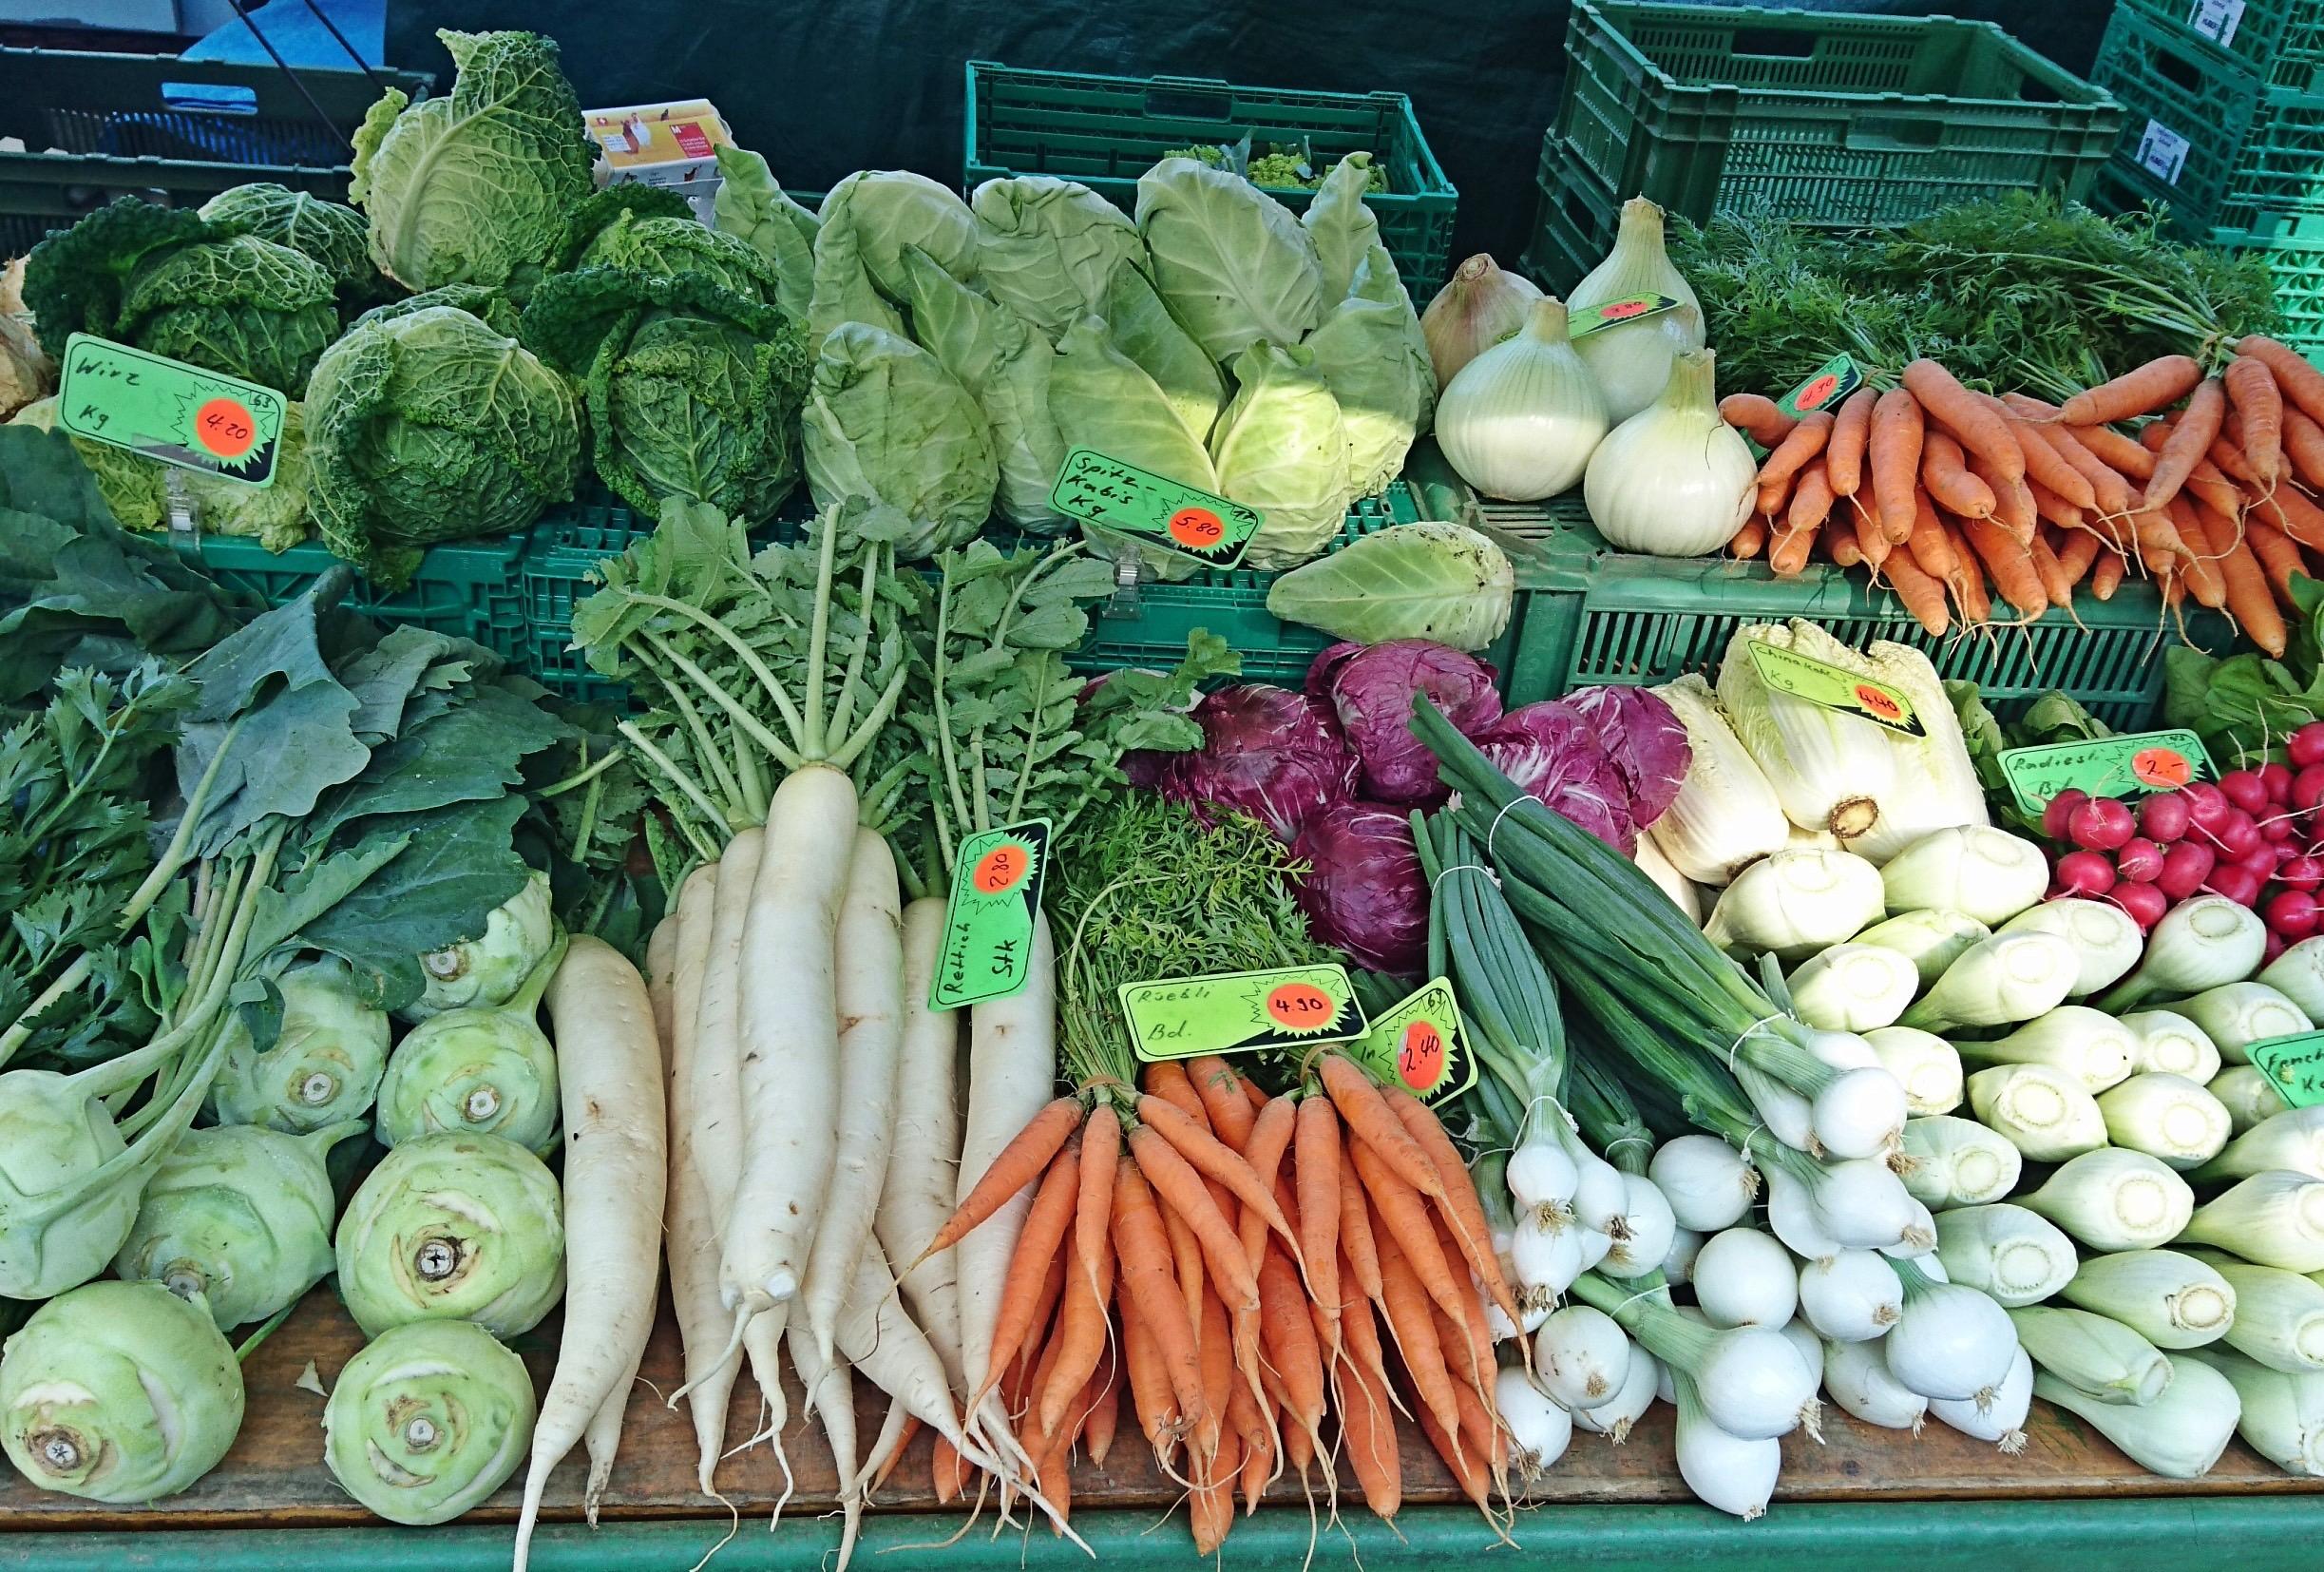 Direkt vom Markt ist das Gemüse am frischesten